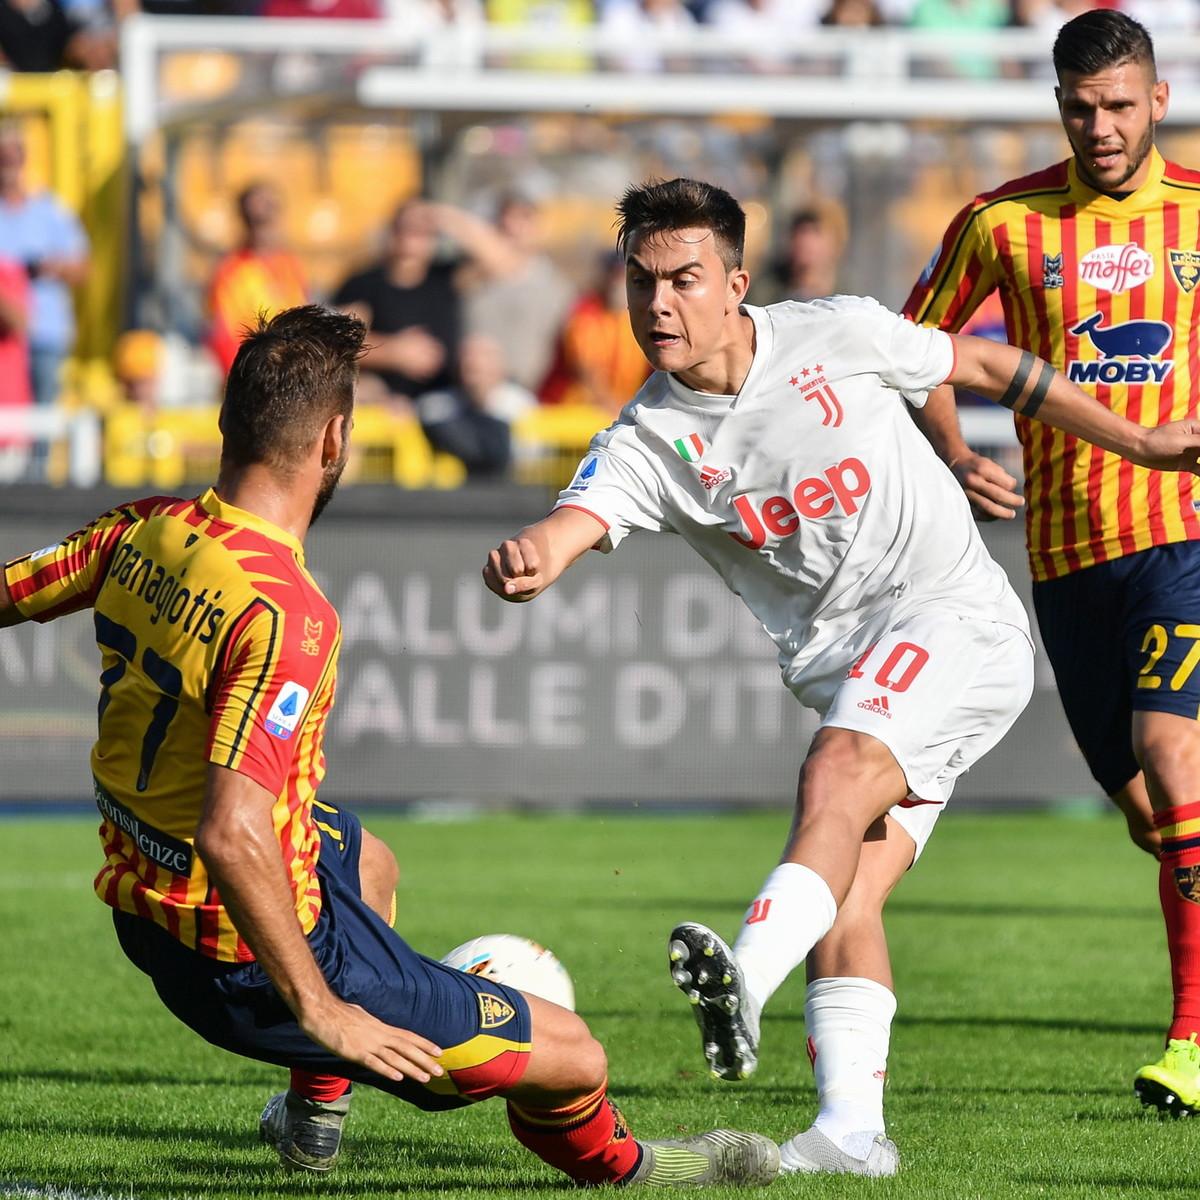 Serie A, il Lecce ferma la Juve: 1-1 al Via del Mare - Sport Mediaset